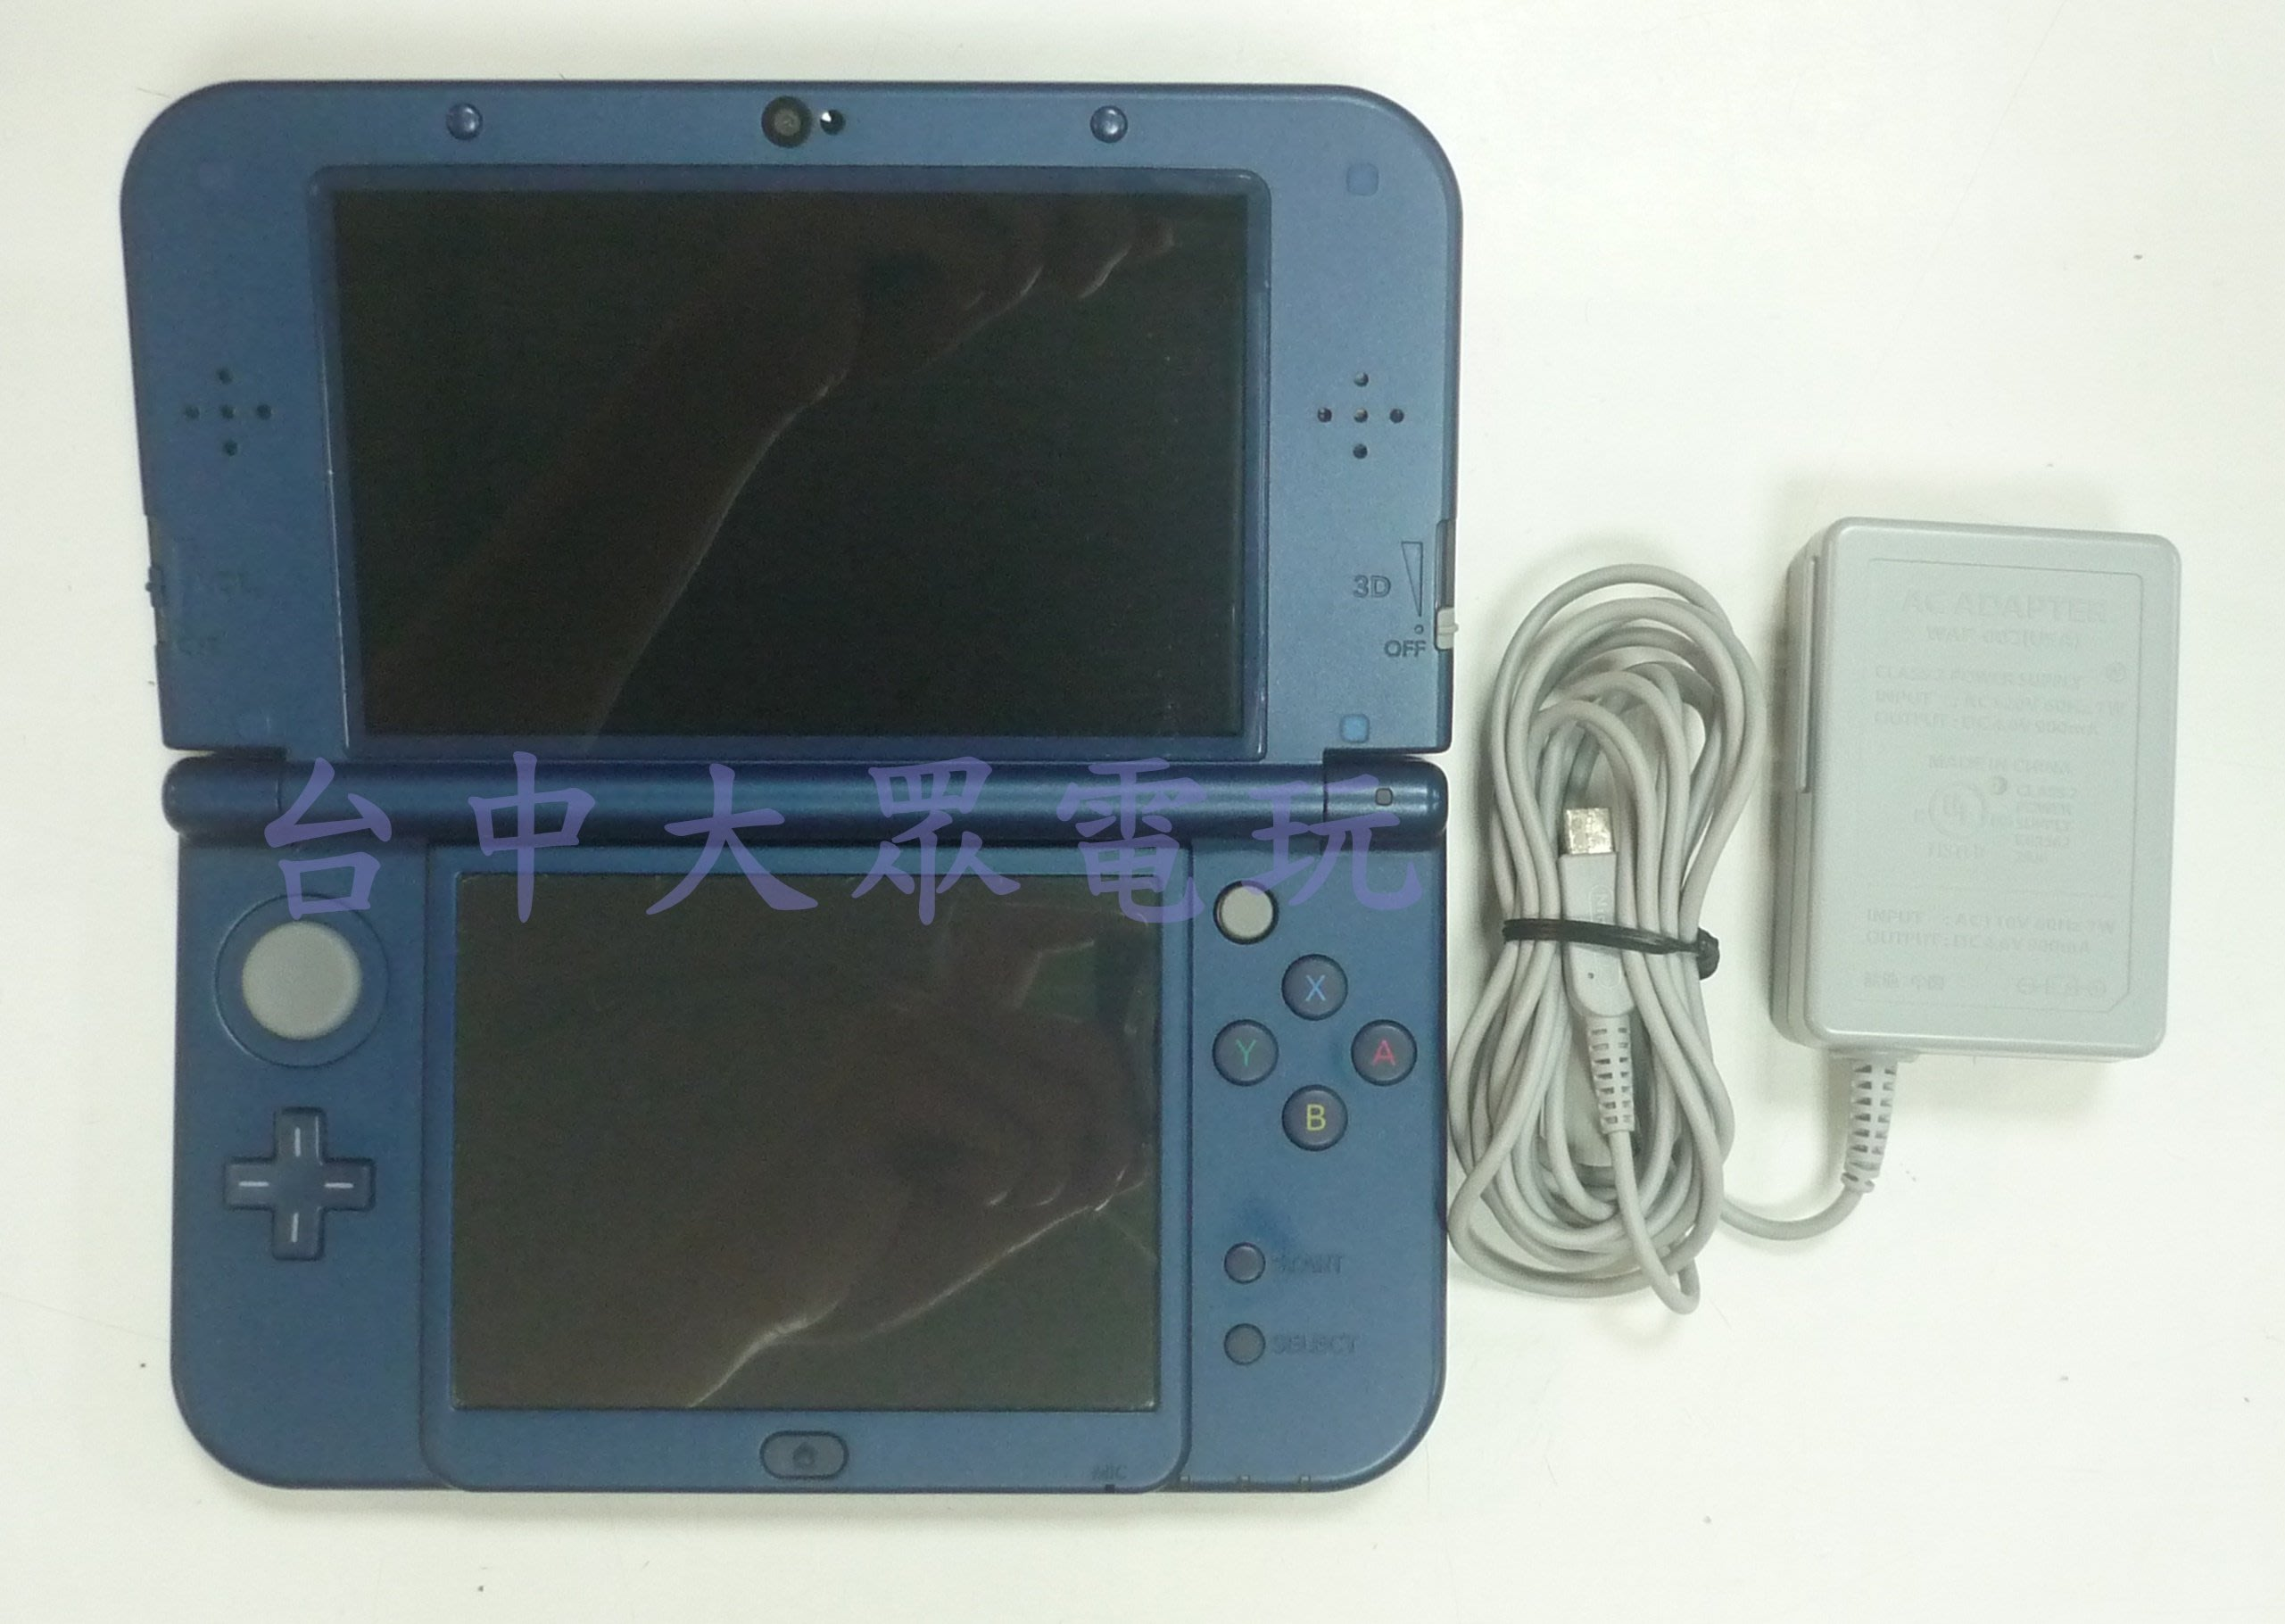 NEW 3DS LL 主機 日規 日版 (藍色) + 原廠充電器 **(二手主機-約8成新)【台中大眾電玩】